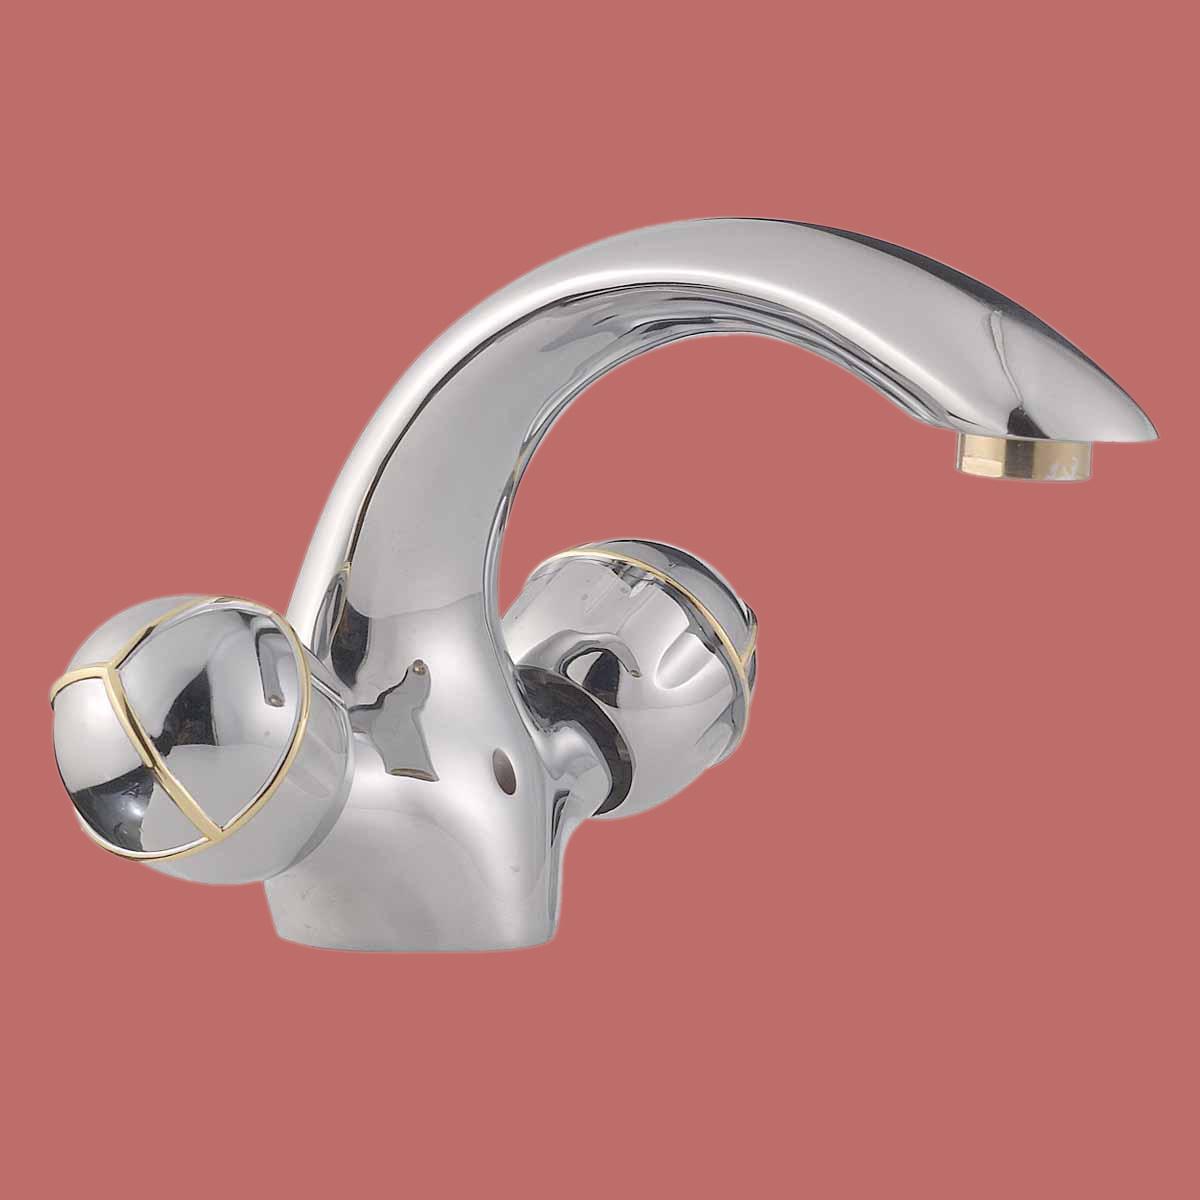 Bathroom Faucet Swan Spout Chrome Single Hole 2 Handles